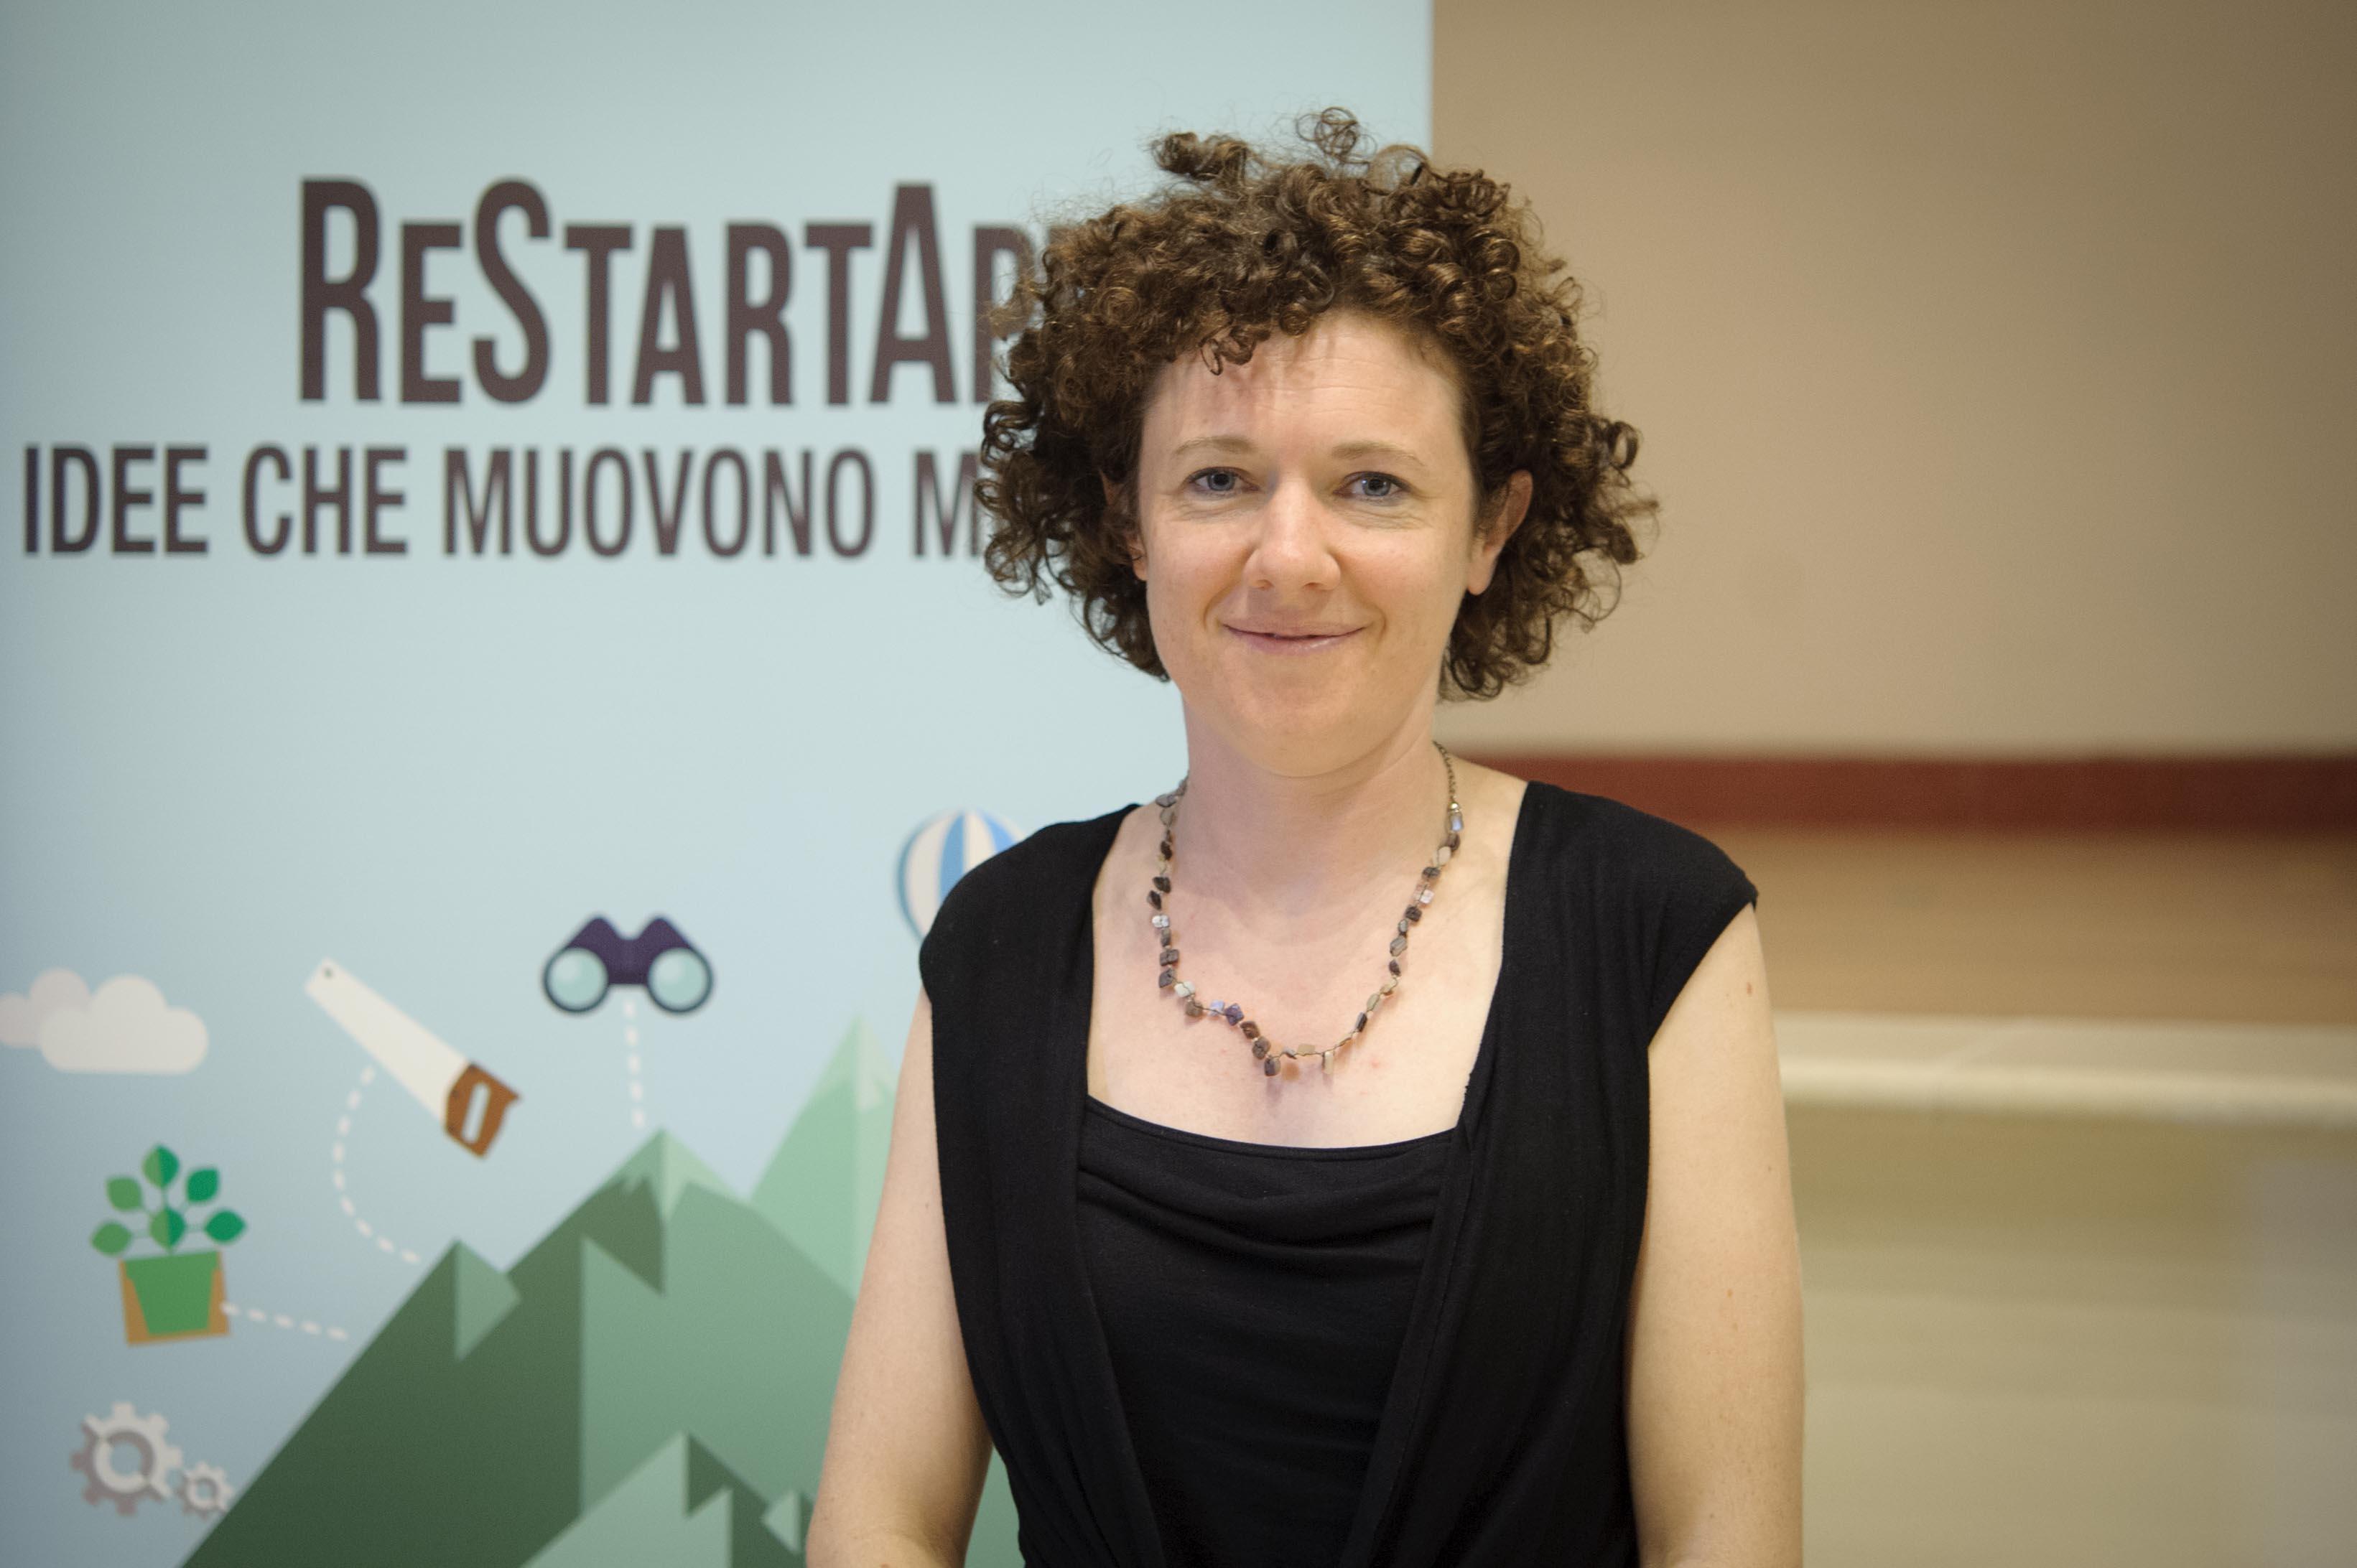 Francesca Schelotto